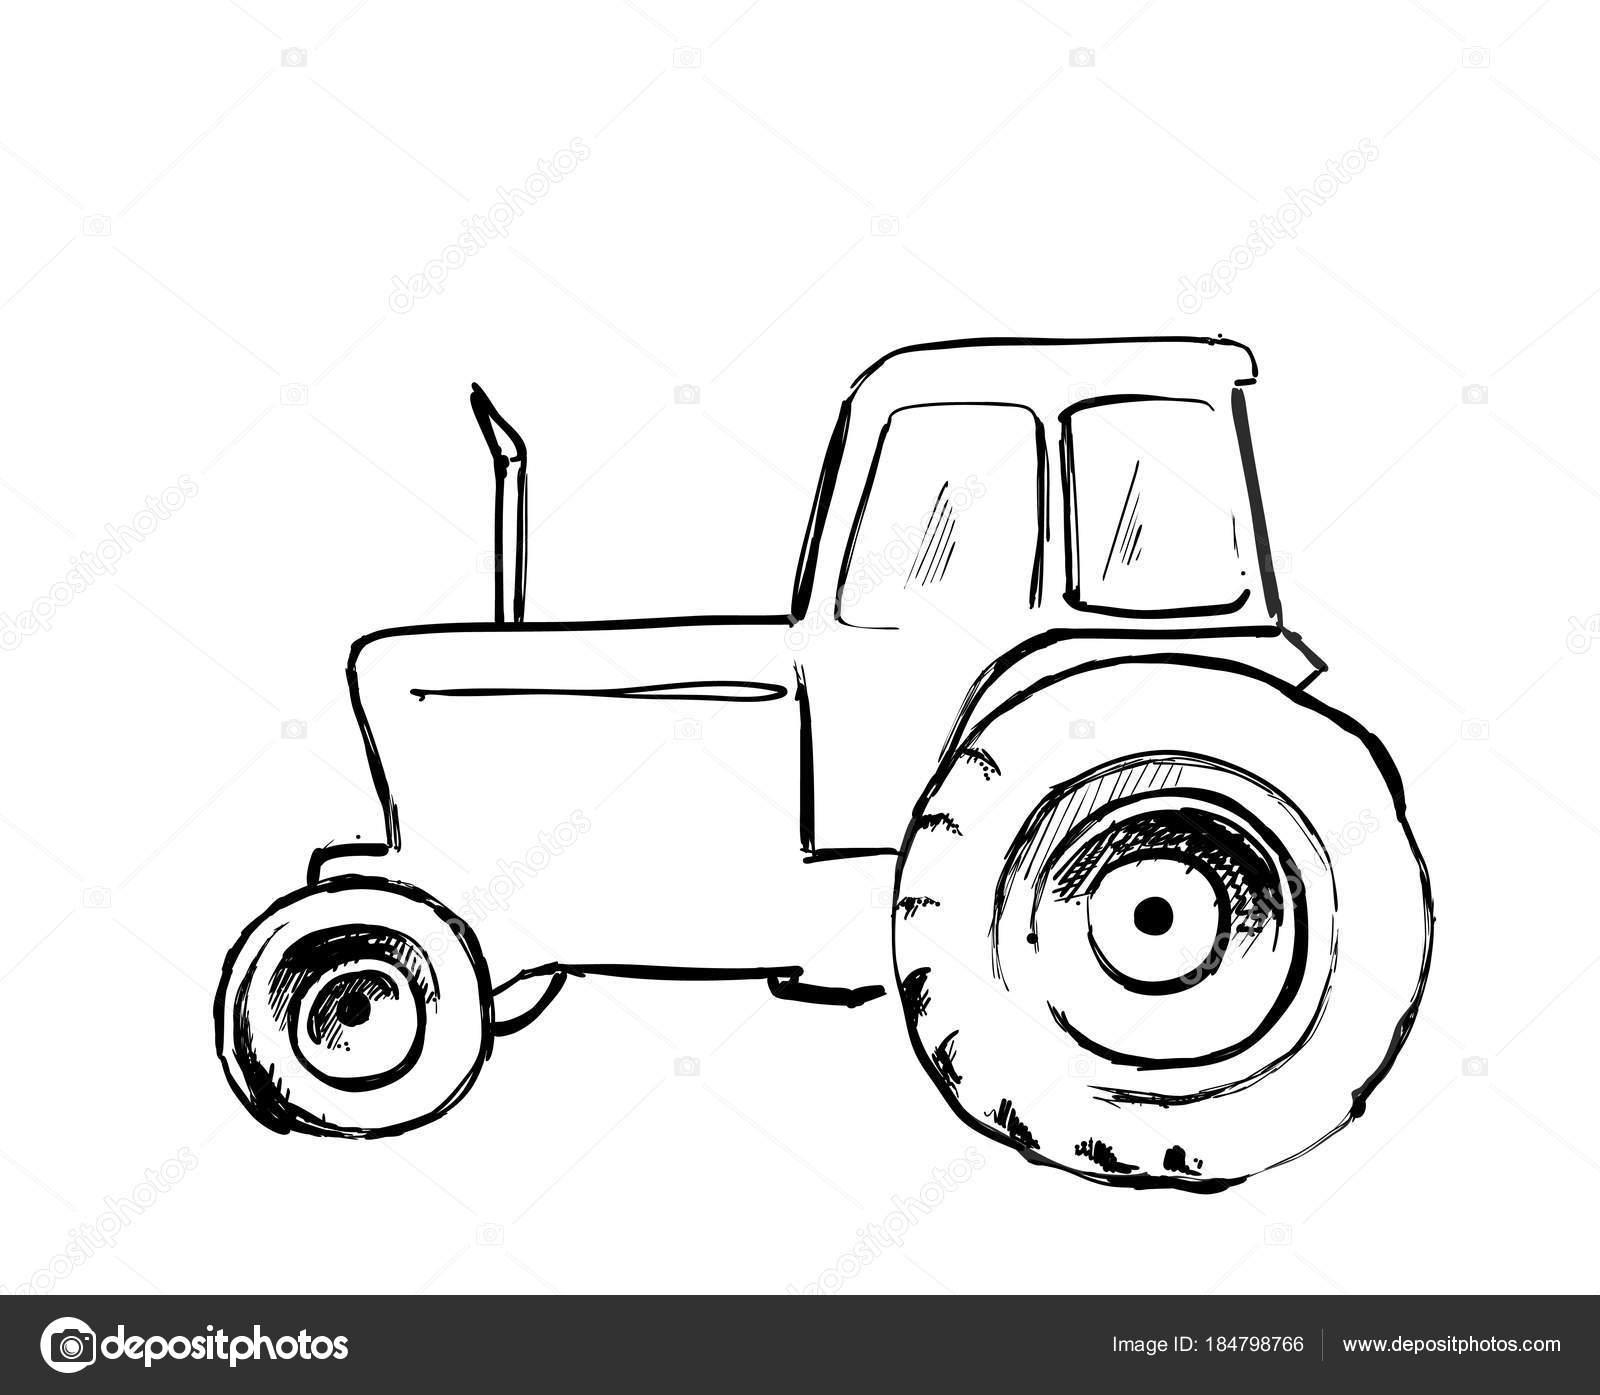 Imagenes Del Campesino Para Dibujar